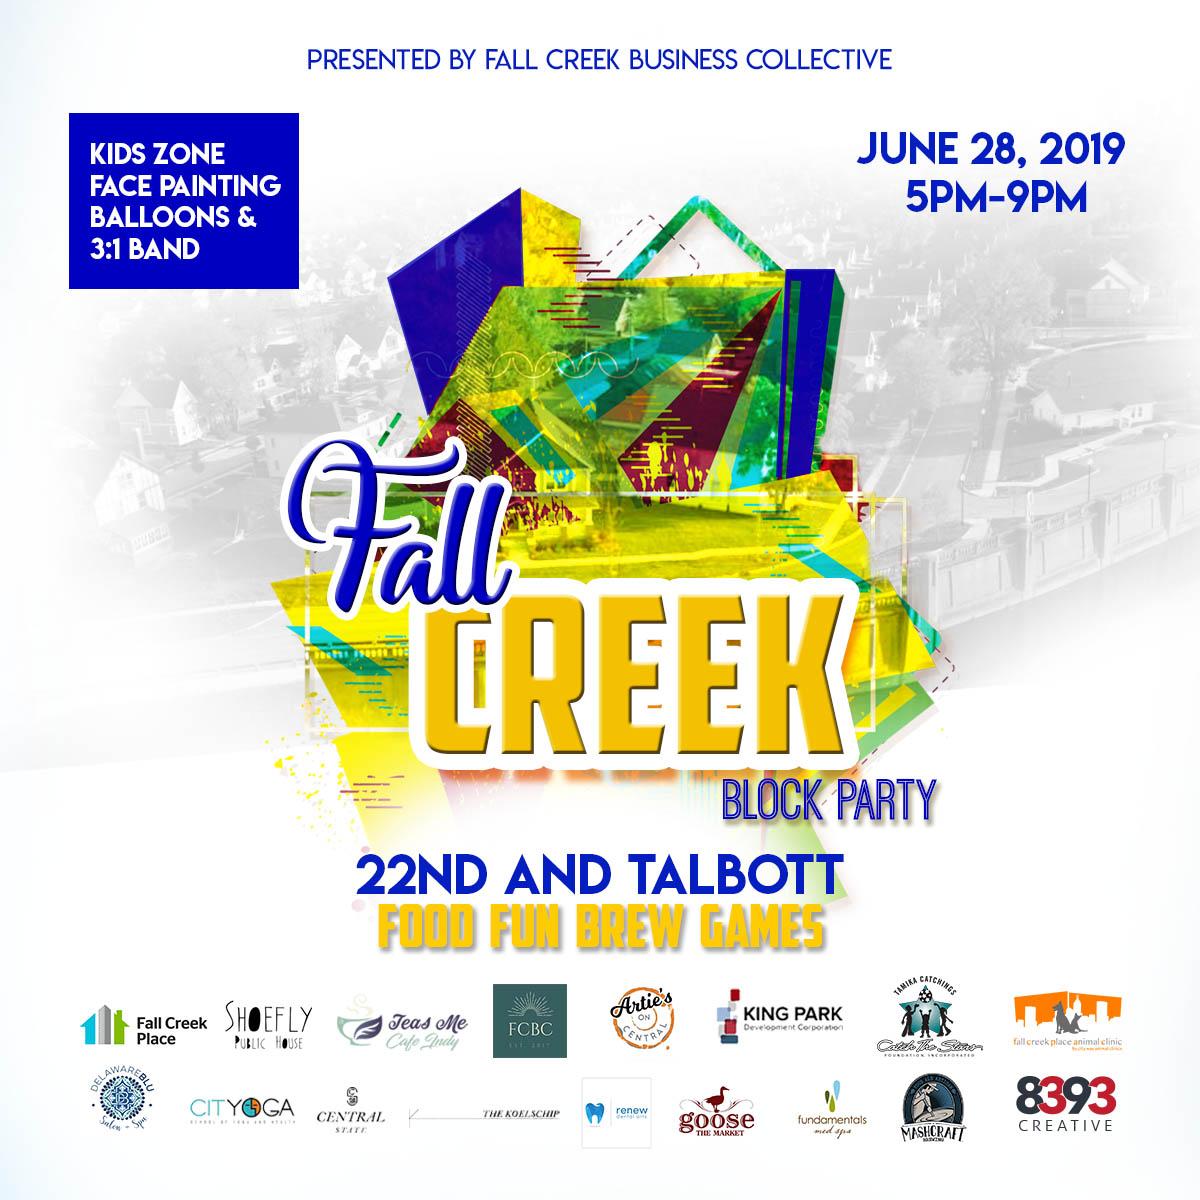 Fall Creek Block Party